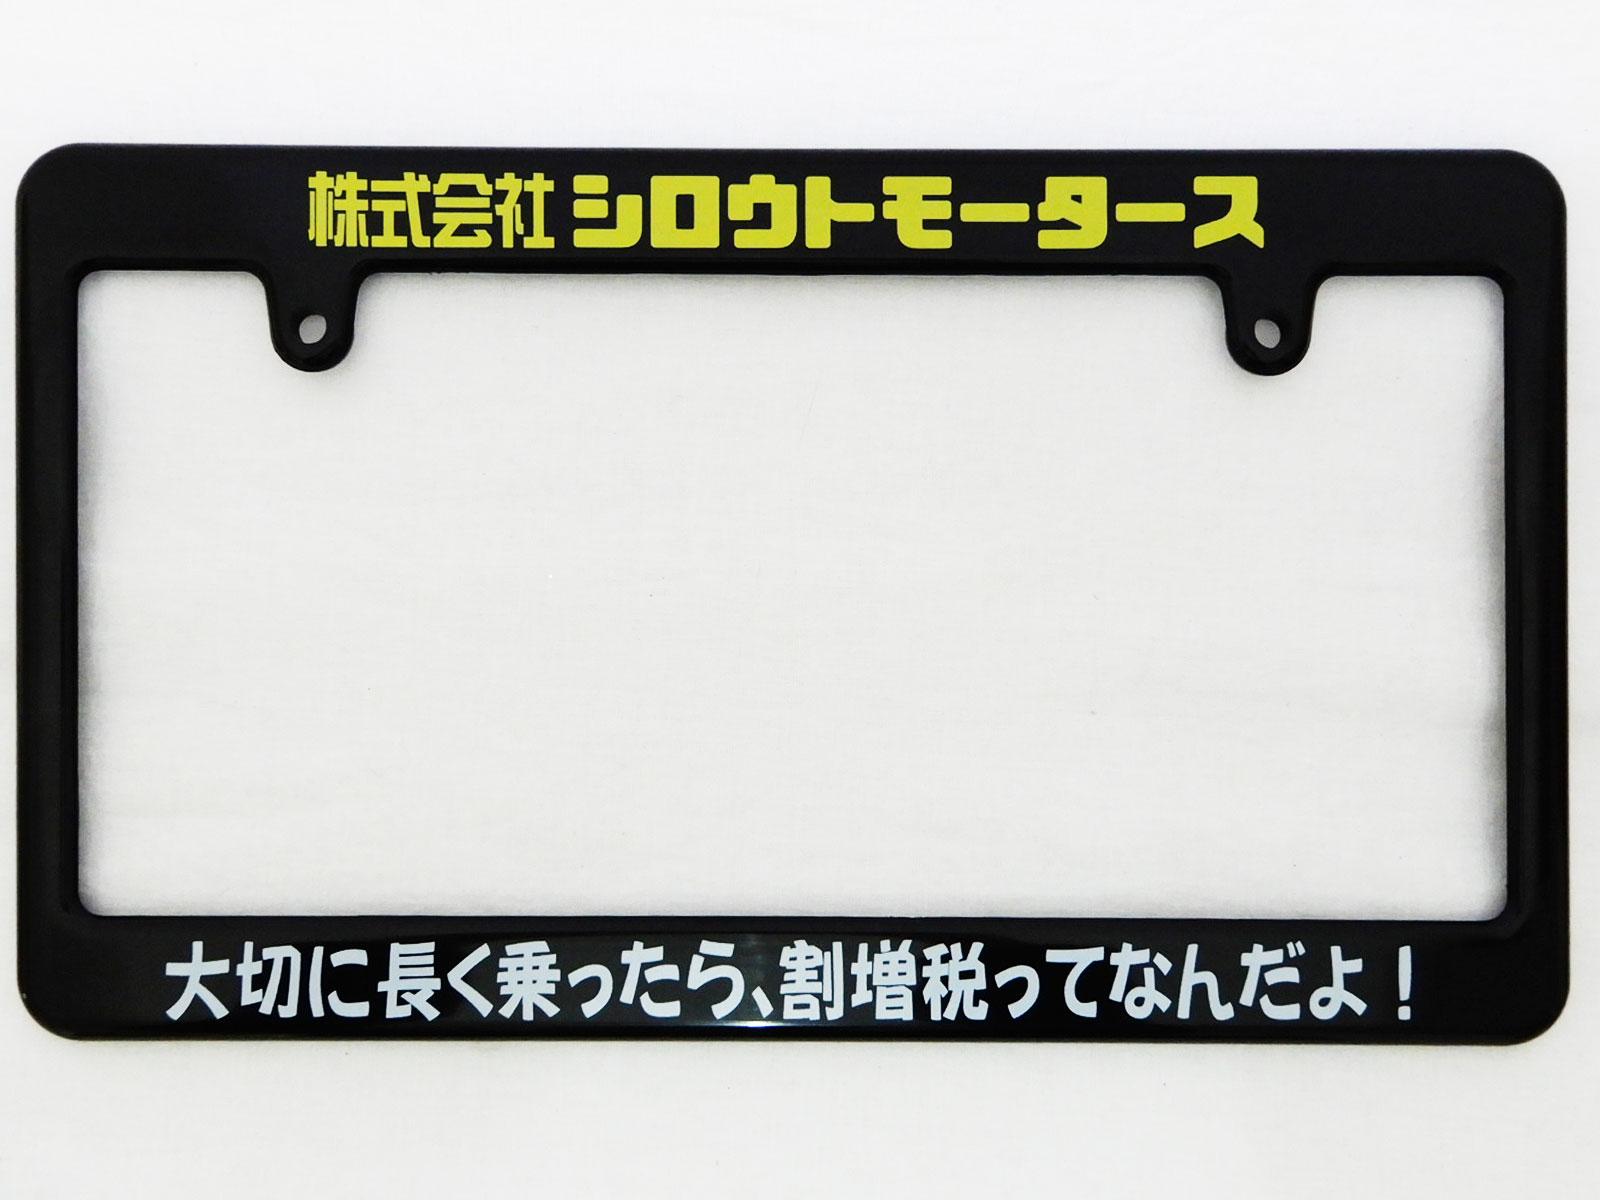 大切に長く乗ったら、割増税ってなんだよ! 株式会社シロウトモータース  Black License Frame Wide ☆ブラック ライセンスフレーム ワイド 日本ナンバープレートサイズ 幅広タイプ 4610MOTORS